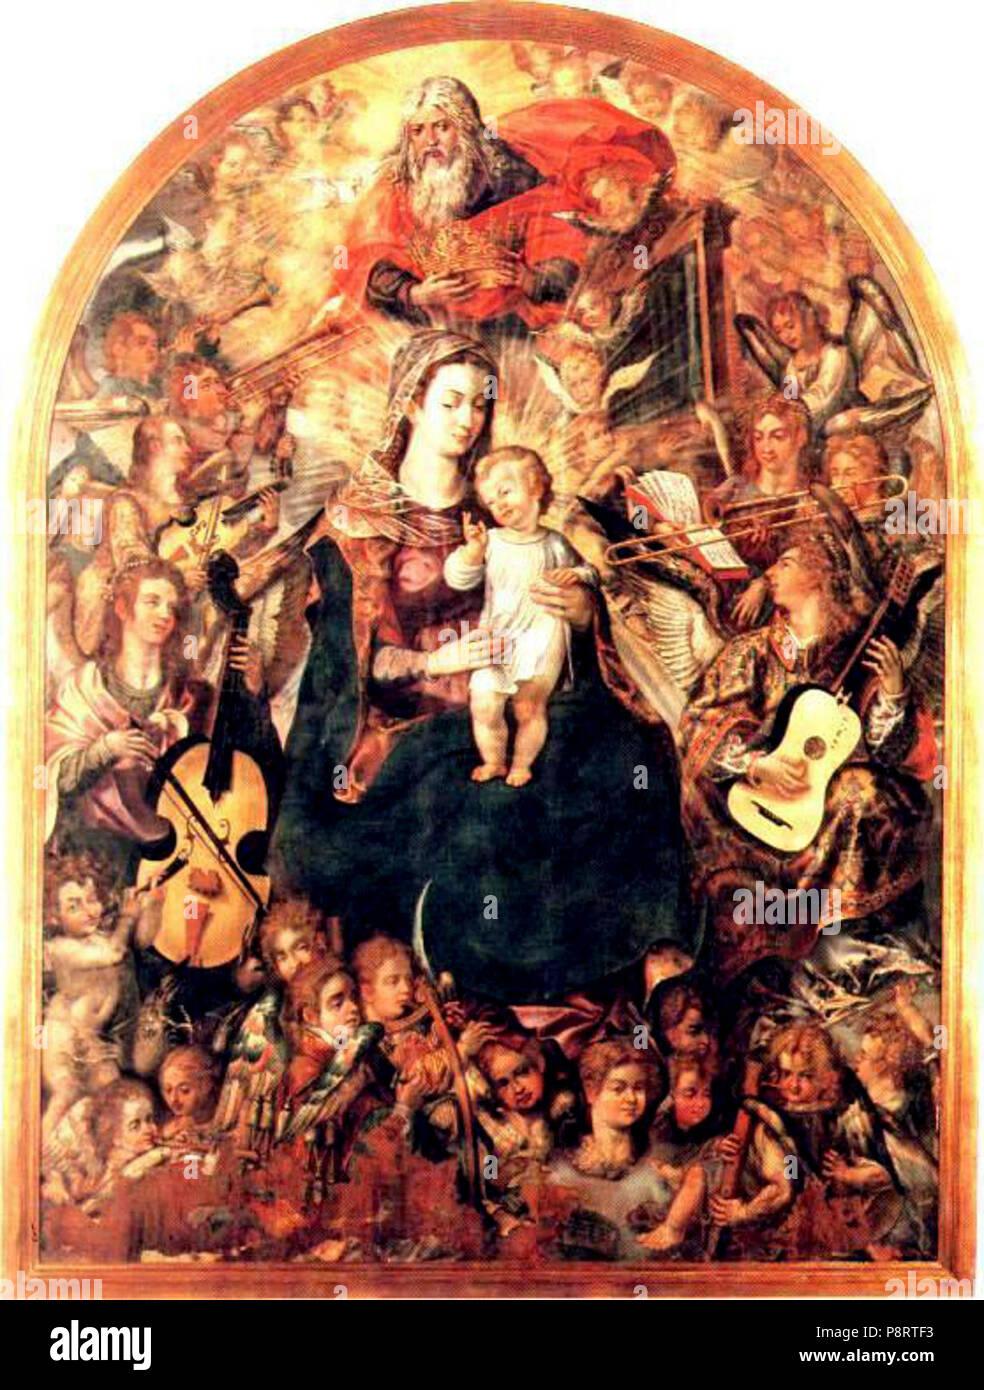 A Coroacao da Virgem de Vasco P Lusitano. - Stock Image